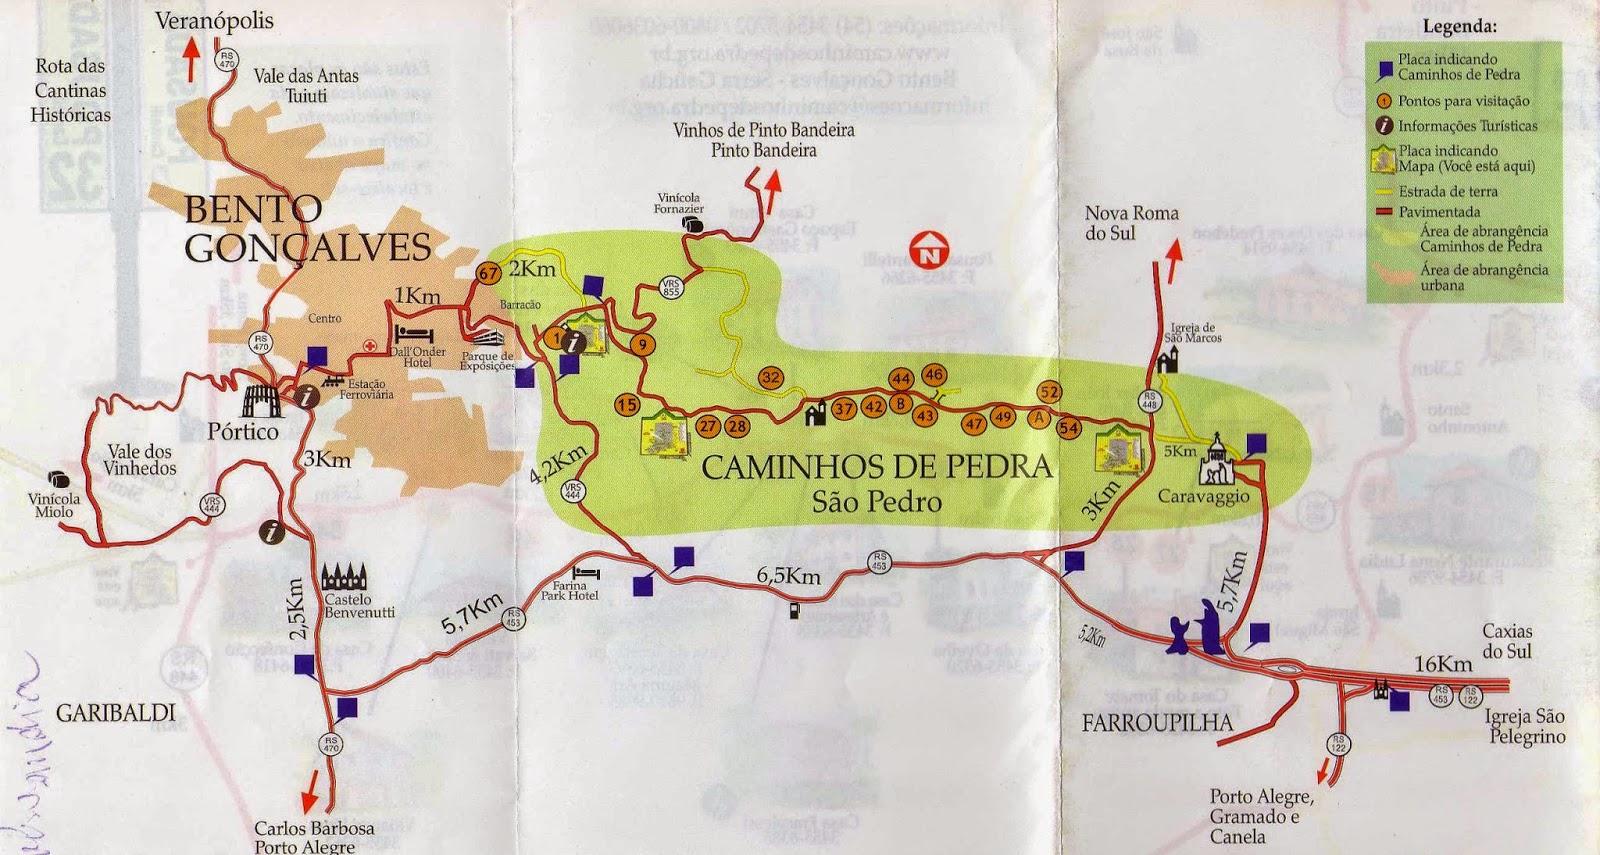 Caminhos de Pedra/Mapa